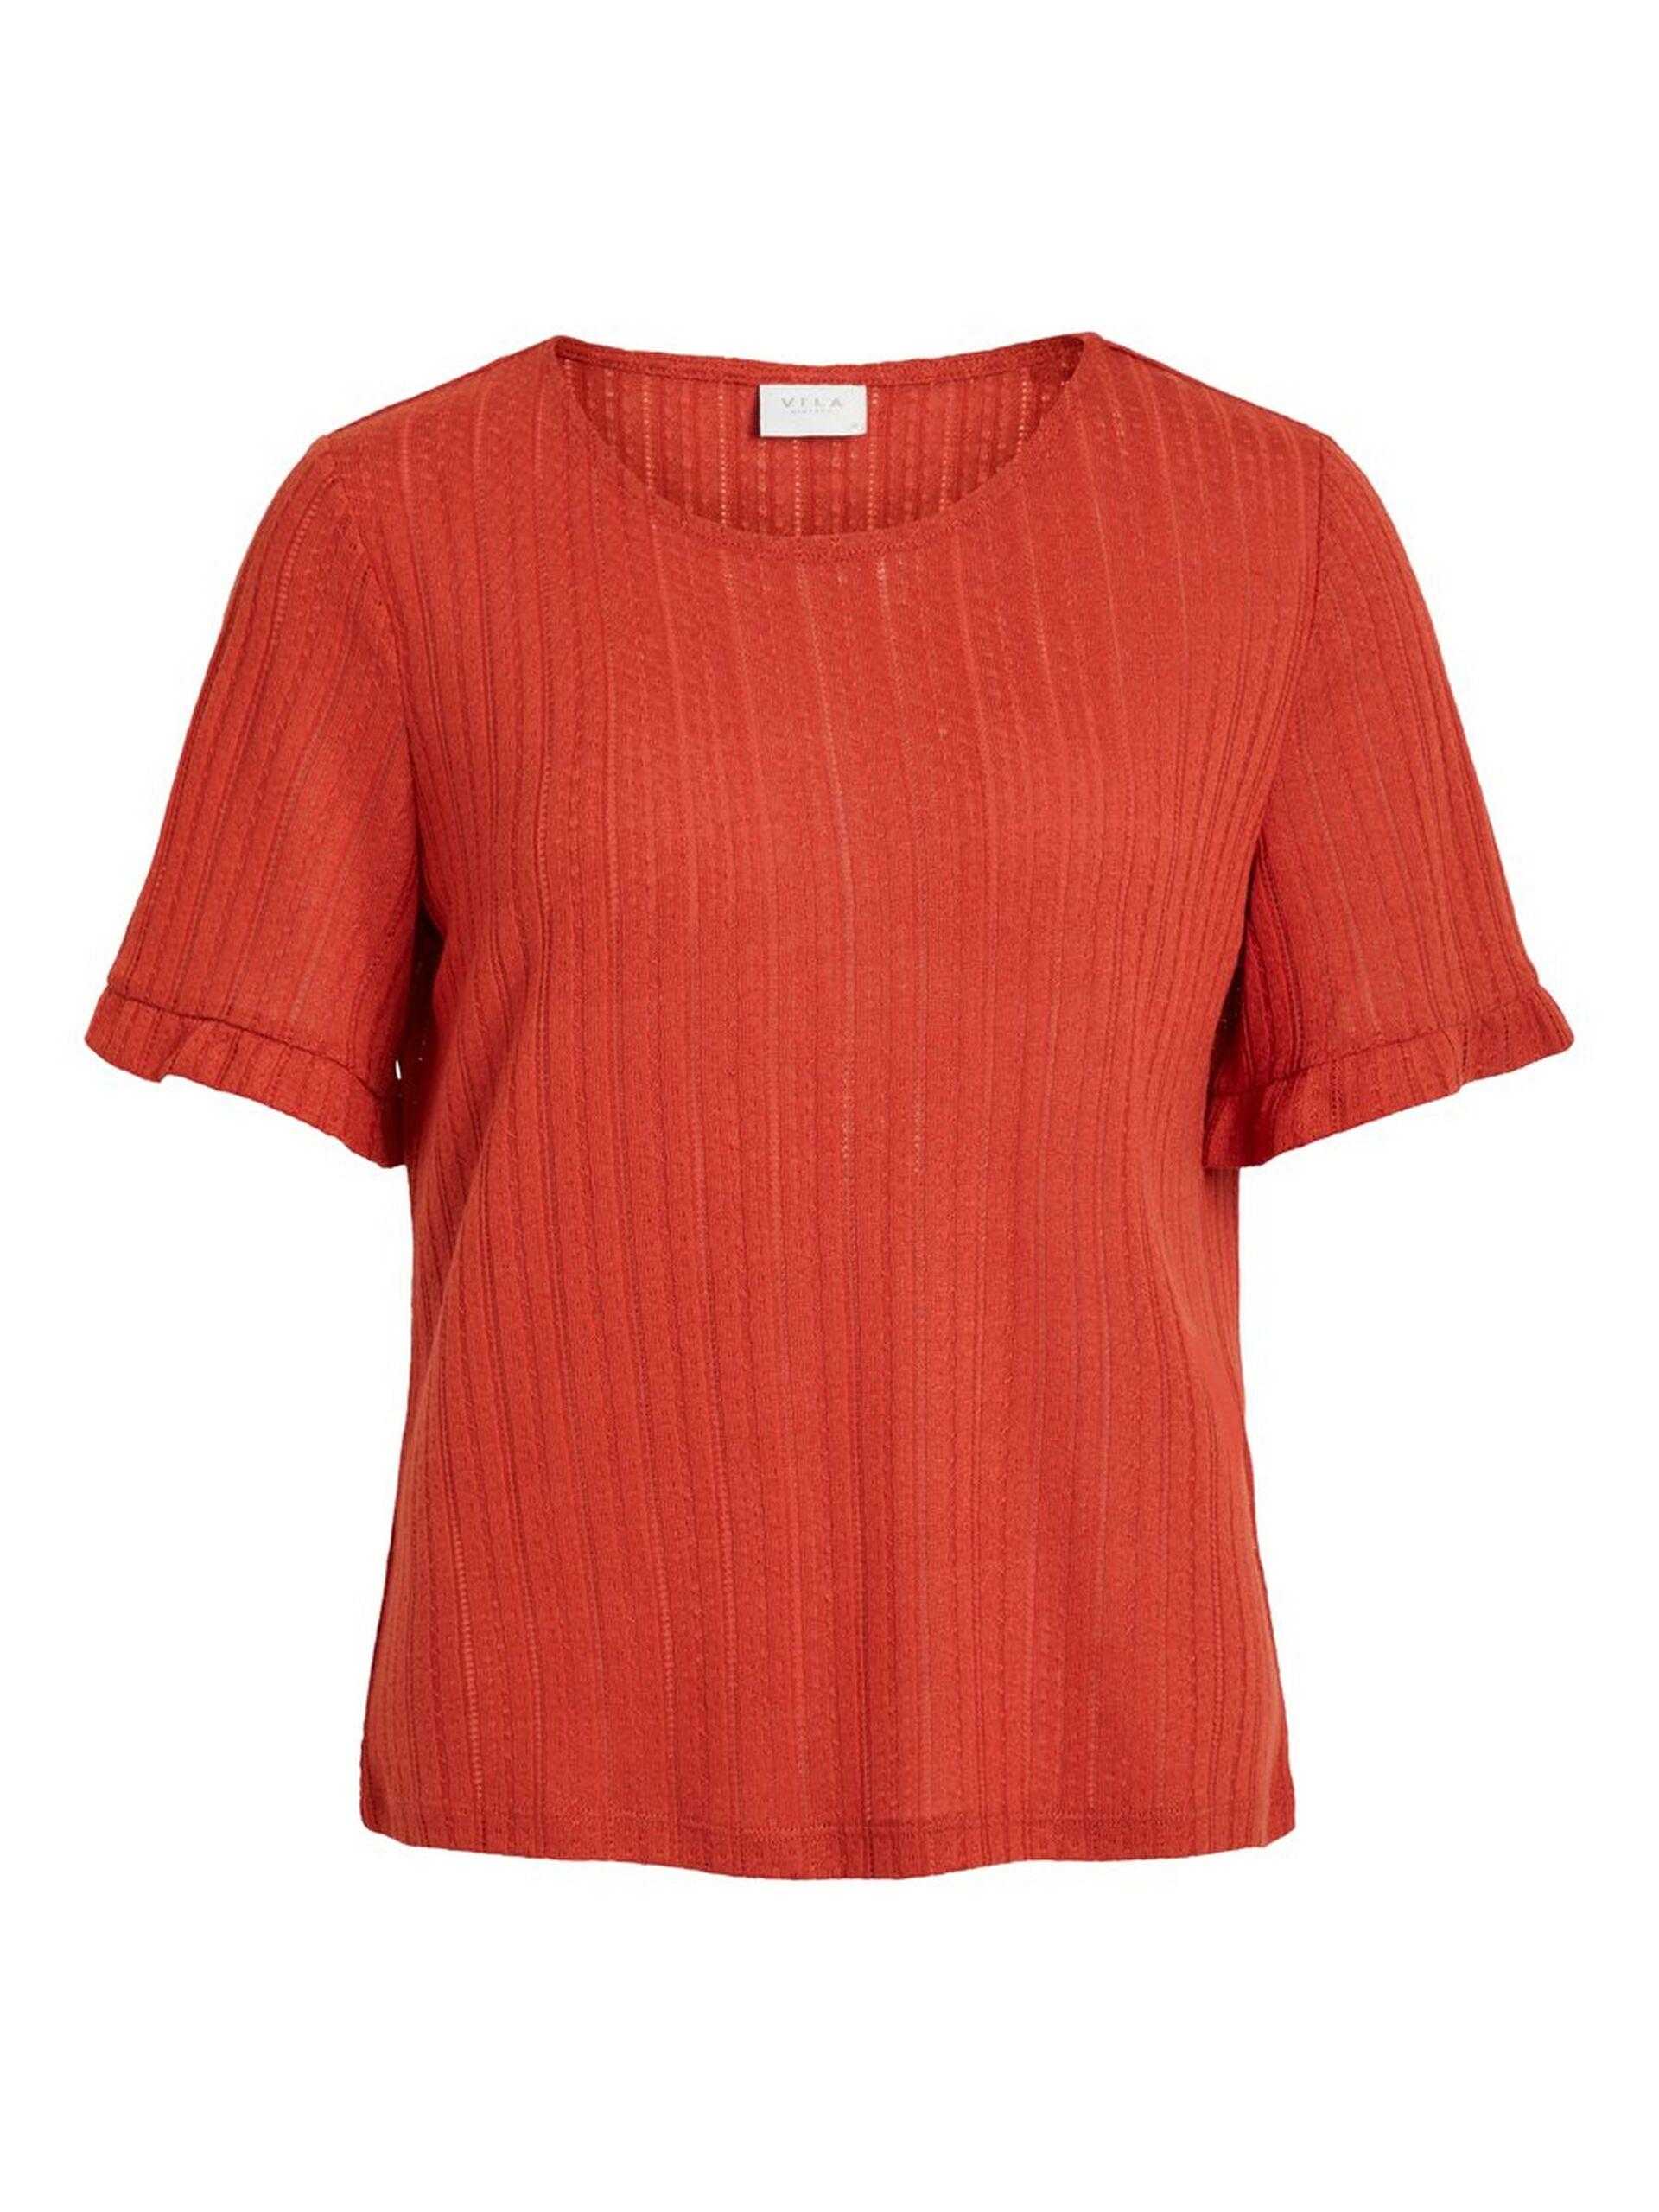 fa355391 Vila rød t-skjorte, topp fra Vila. Rød t-skjorte med rund hals og ...